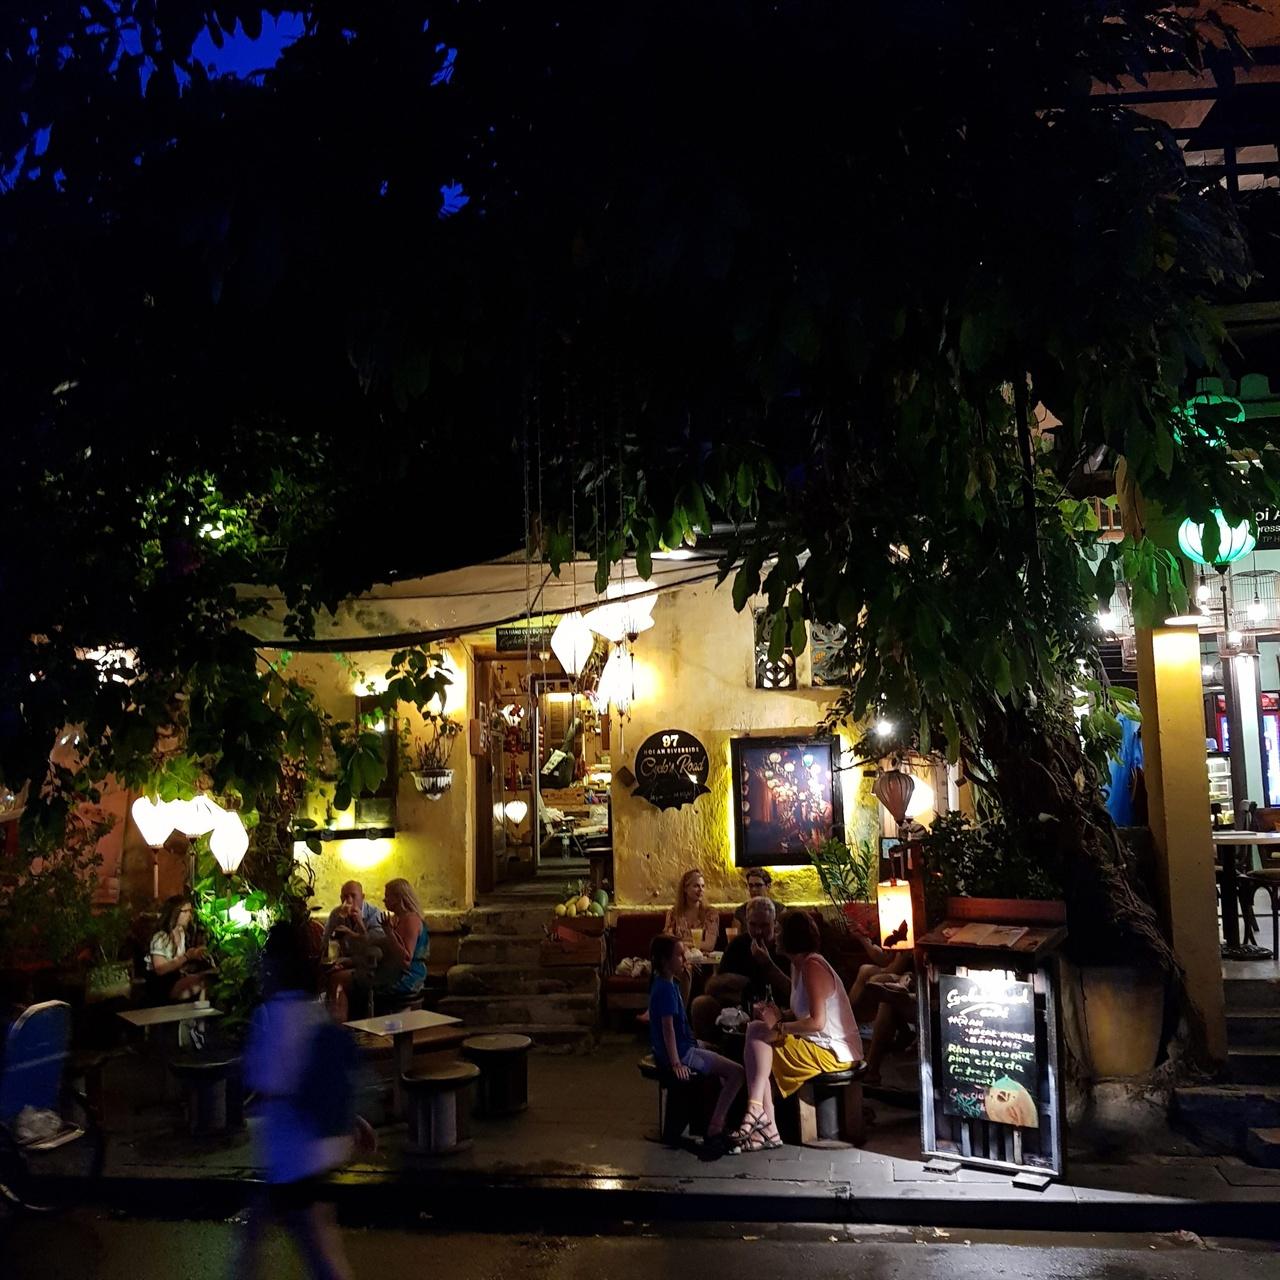 호이안 올드타운 거리 곳곳에 앉아있는 관광객들